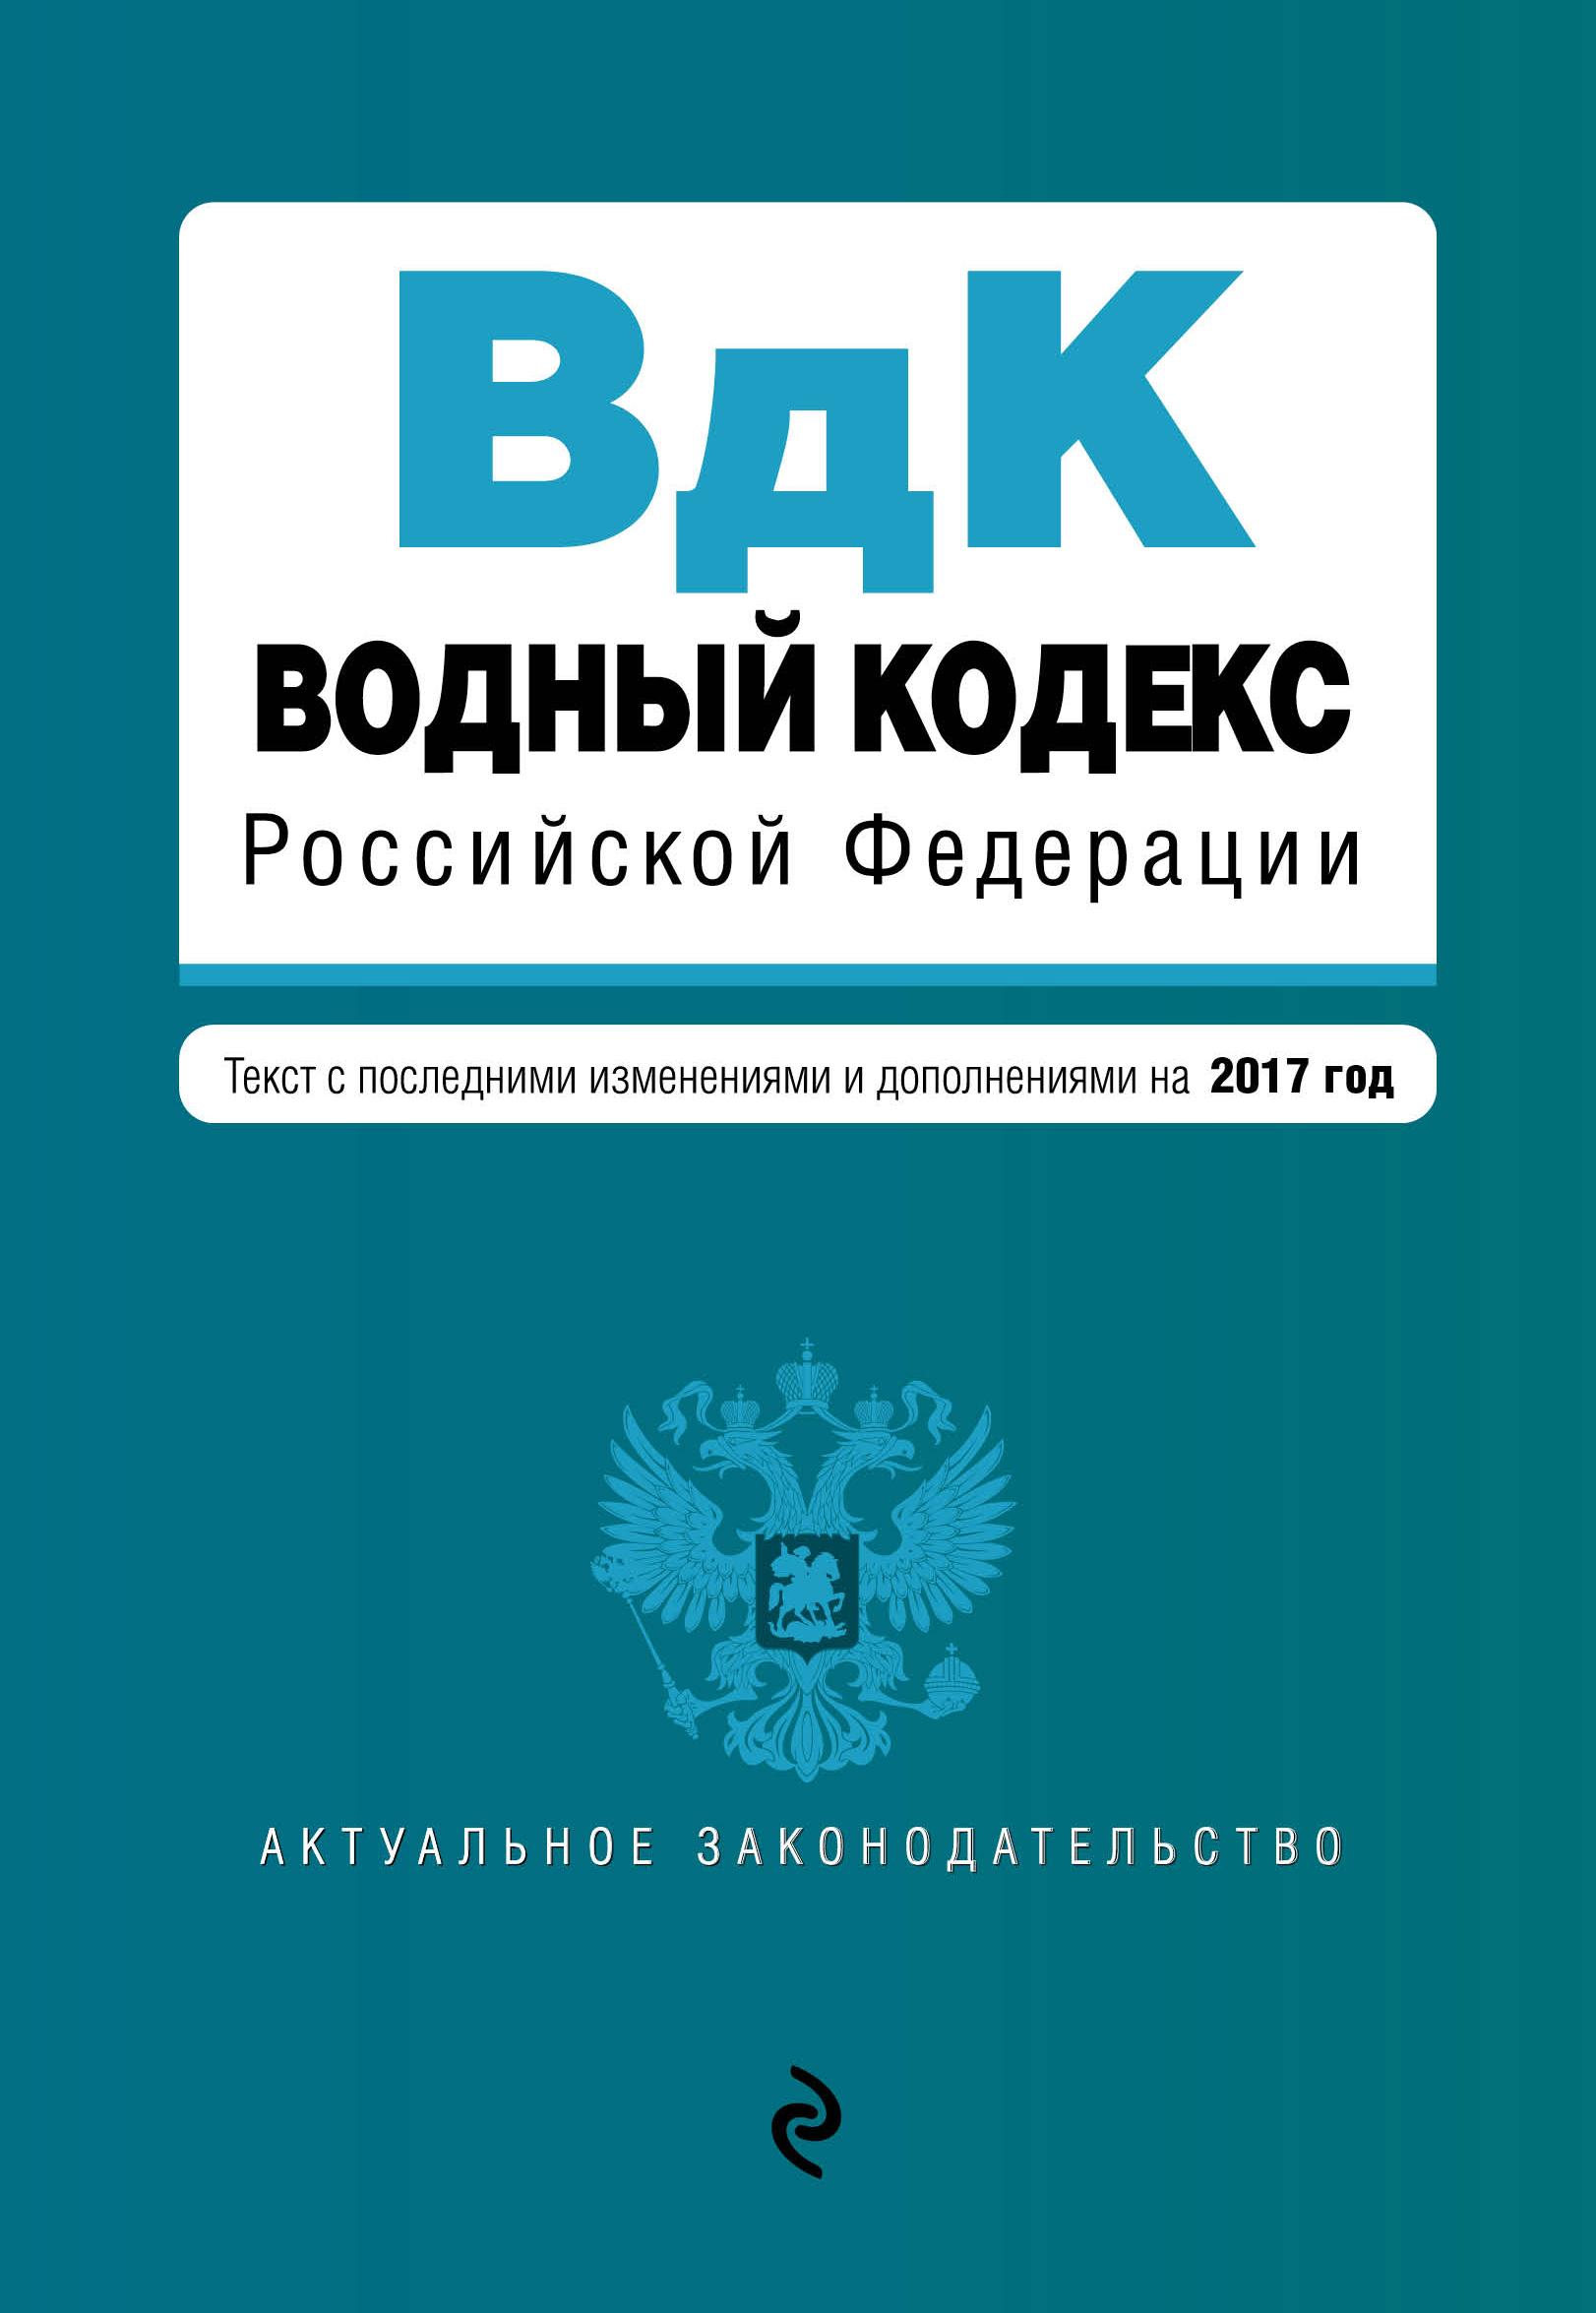 9785699952519 - Водный кодекс Российской Федерации - Книга